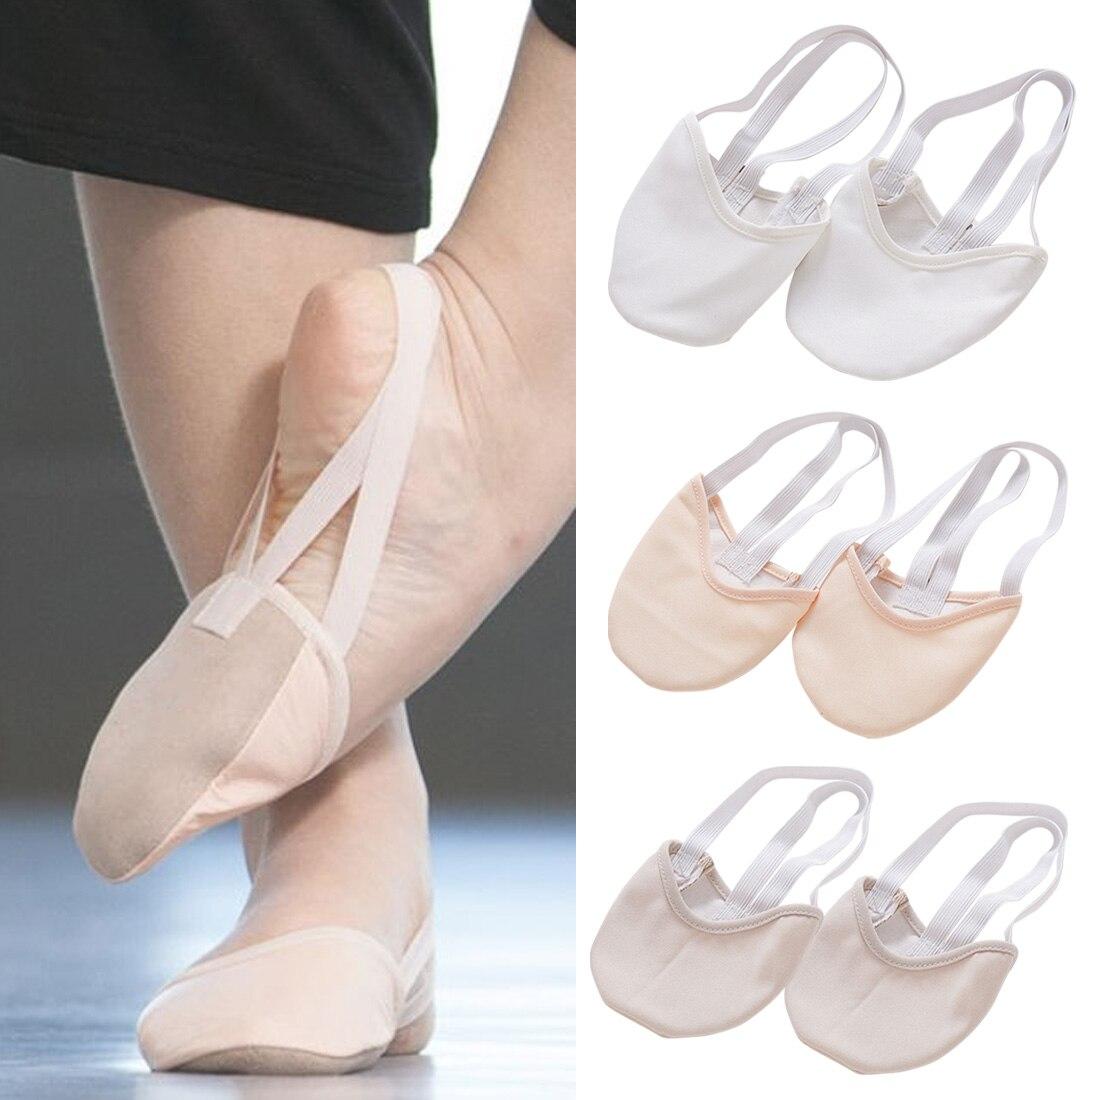 أحذية الجمباز الإيقاعي نصف طول الرائج حذاء روبا جيناستيكا للأطفال البالغين حذاء جلد الخنزير الوحيد حذاء الرقص البيج